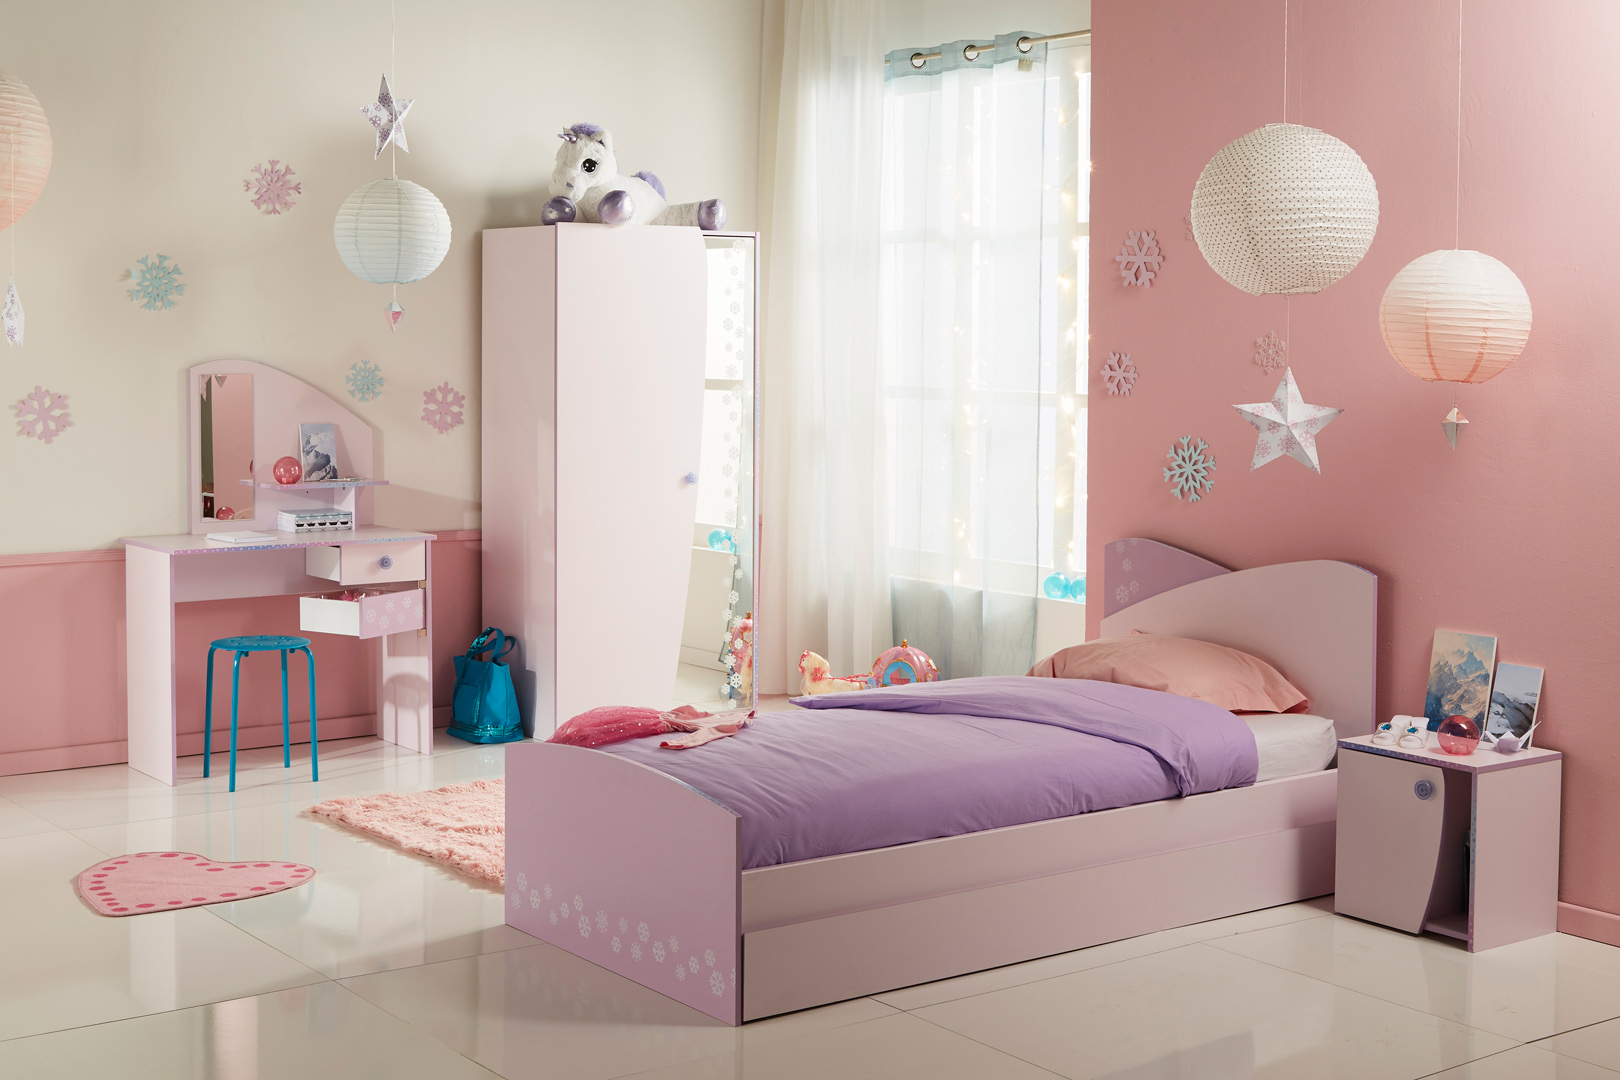 Chambre enfant contemporaine coloris rose/lilas Flocon I | Matelpro